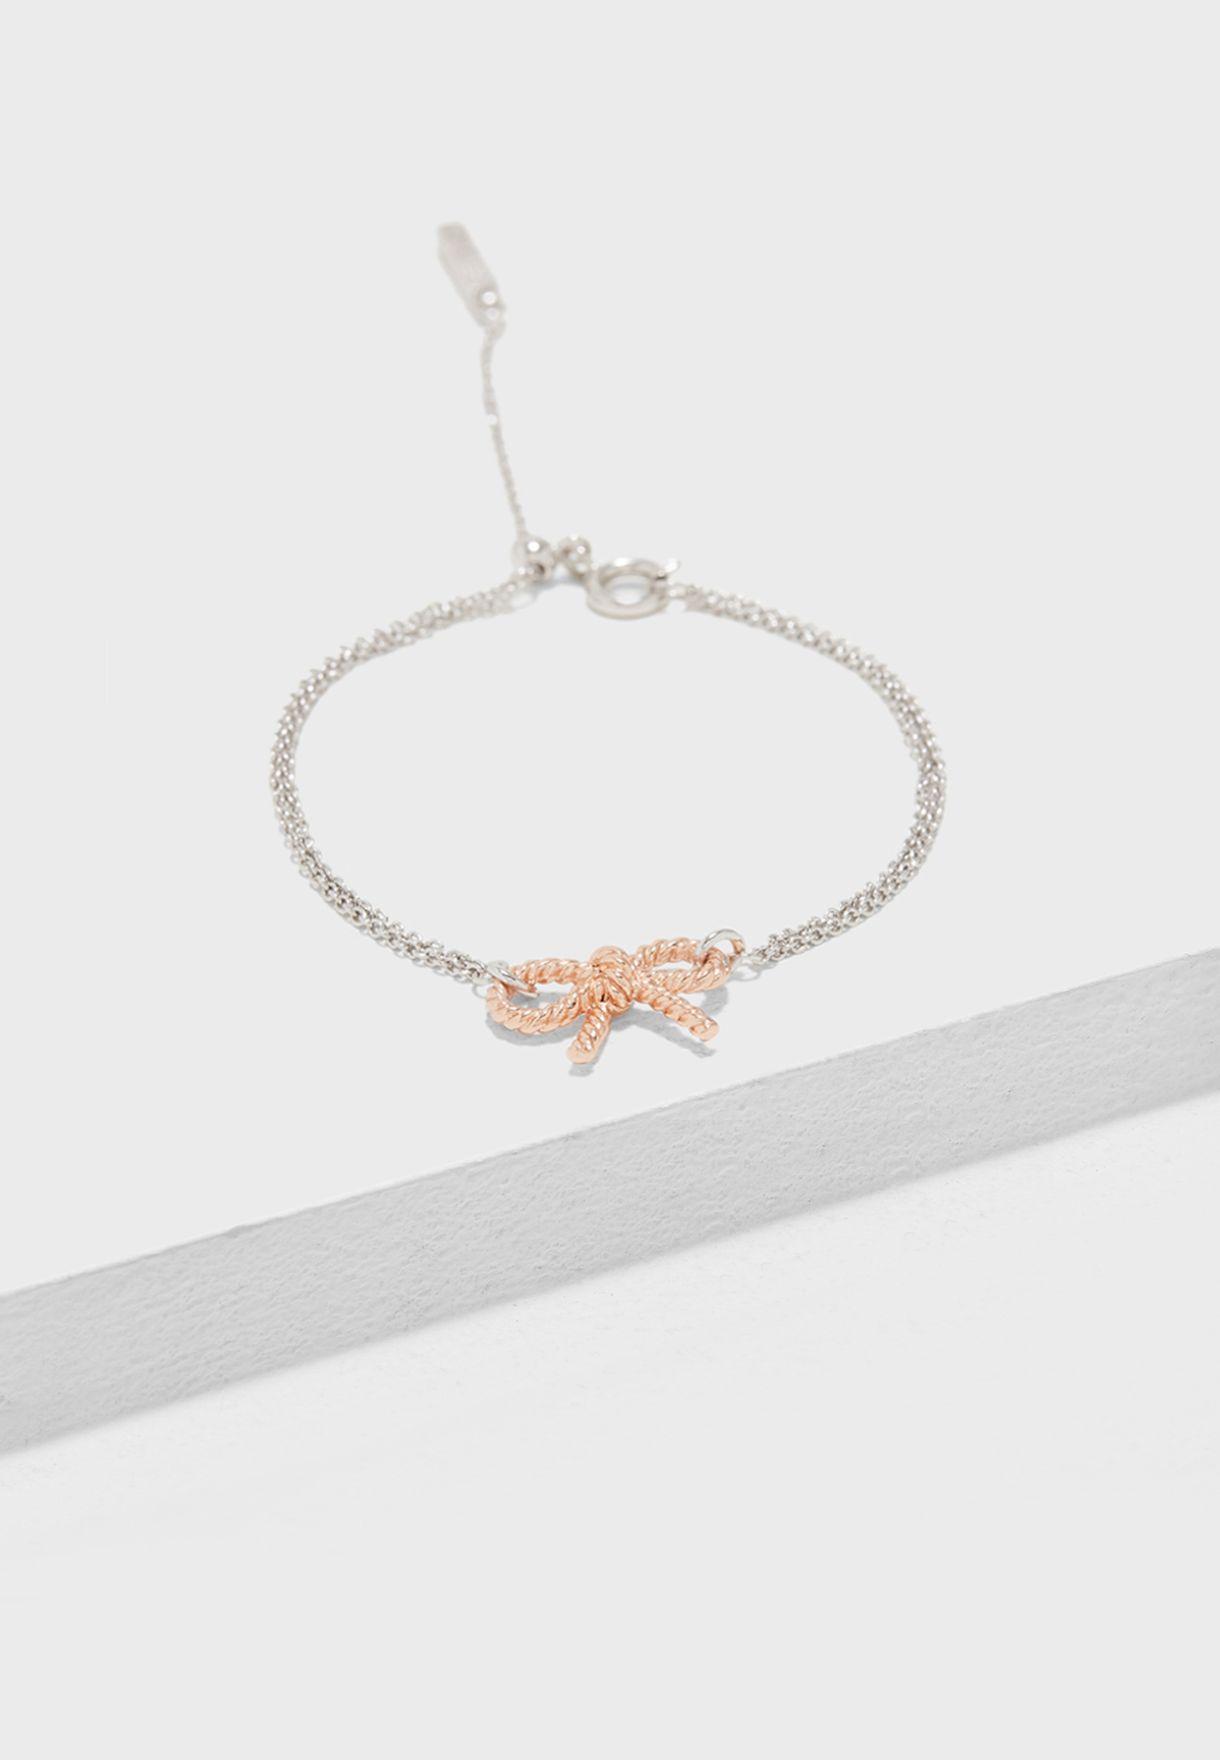 Vintage Bow Chain Bracelet